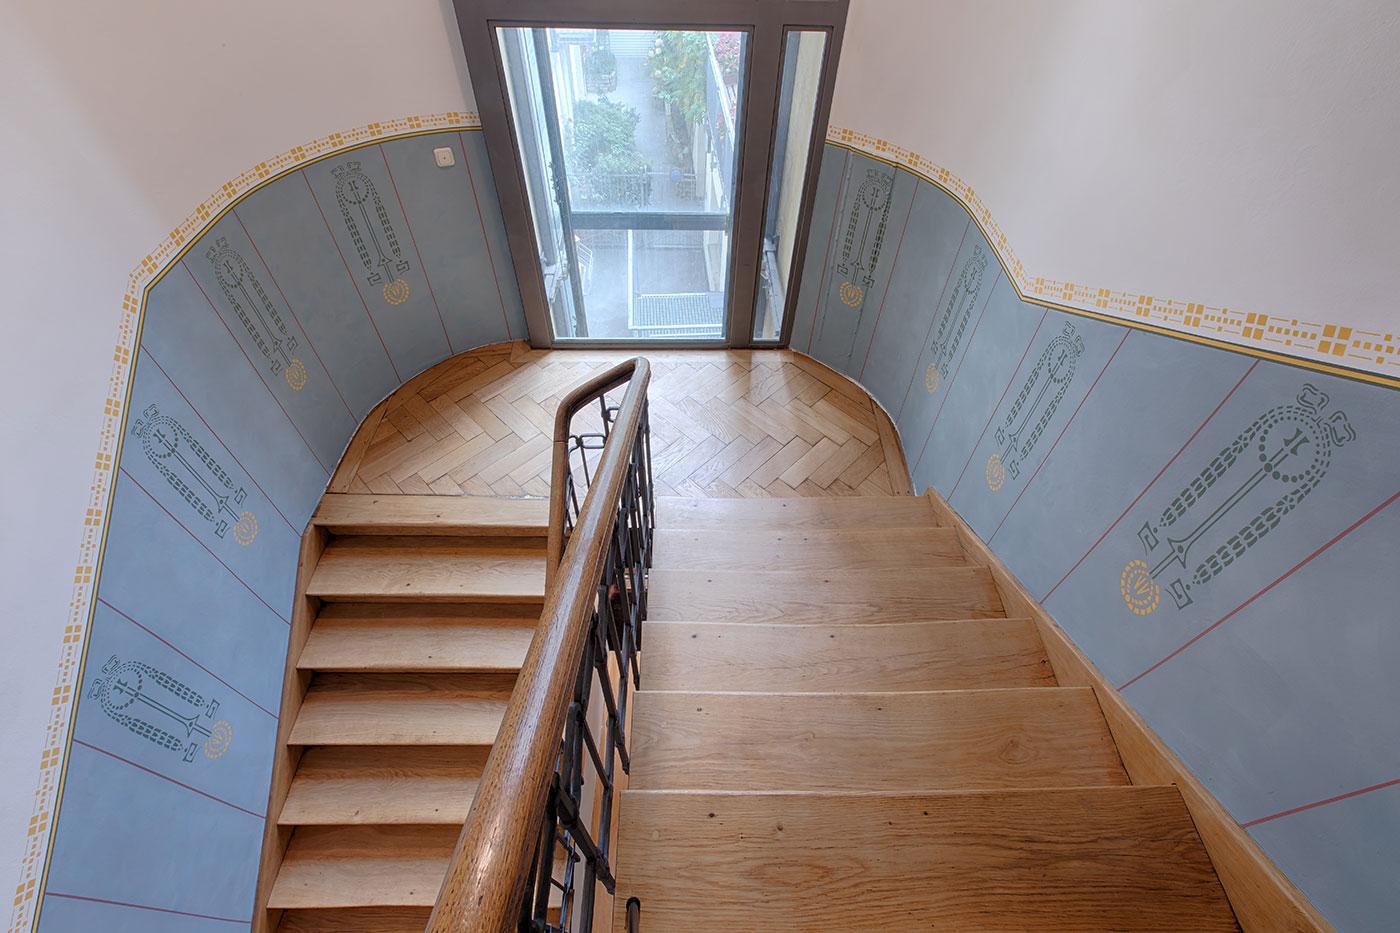 Treppenhaus nach Vorgaben Denkmalschutz rekonstruiert